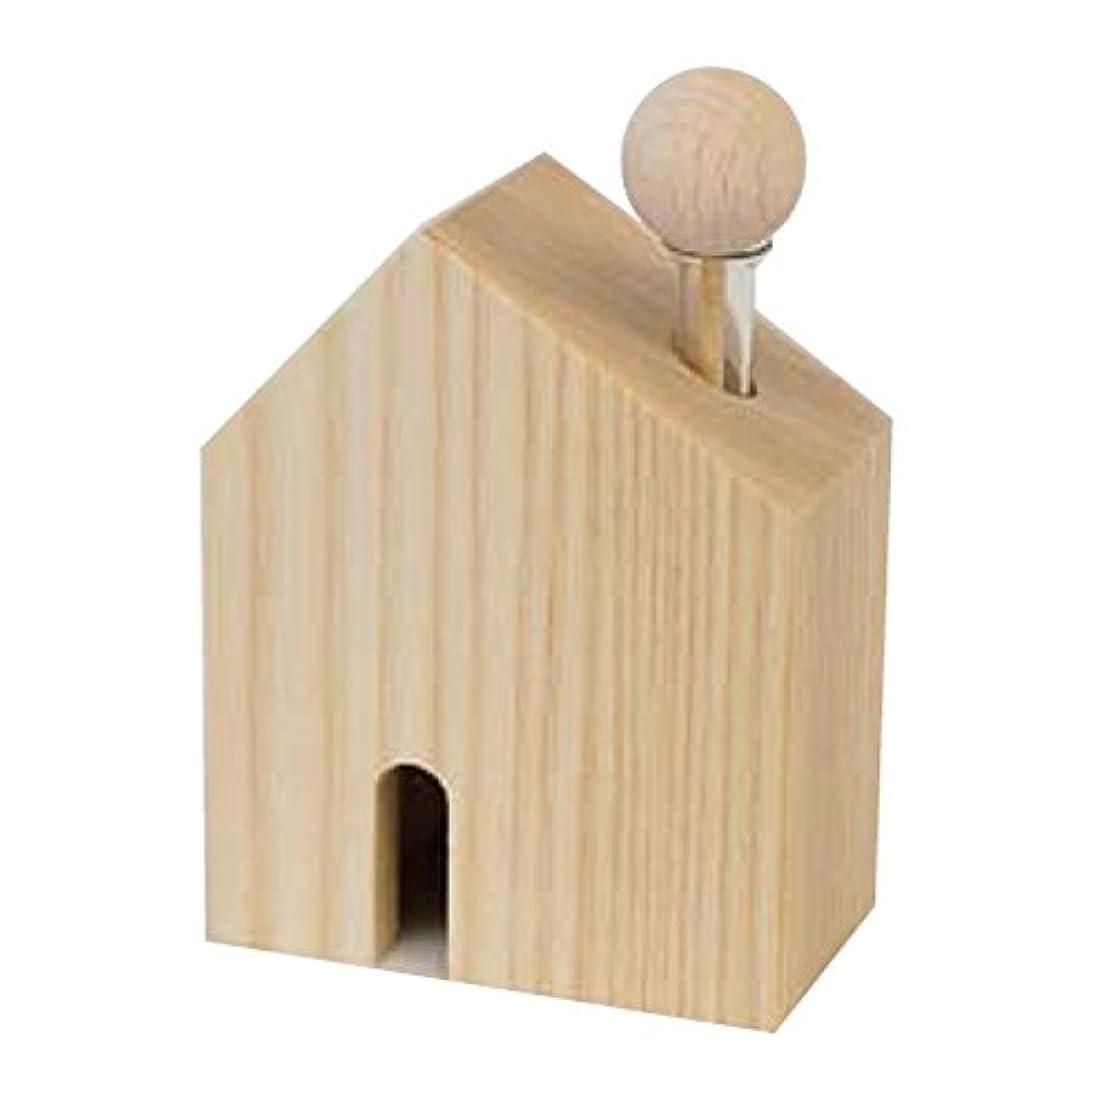 警察署クリーナー刈るカリス成城 アロマ芳香器 木のお家